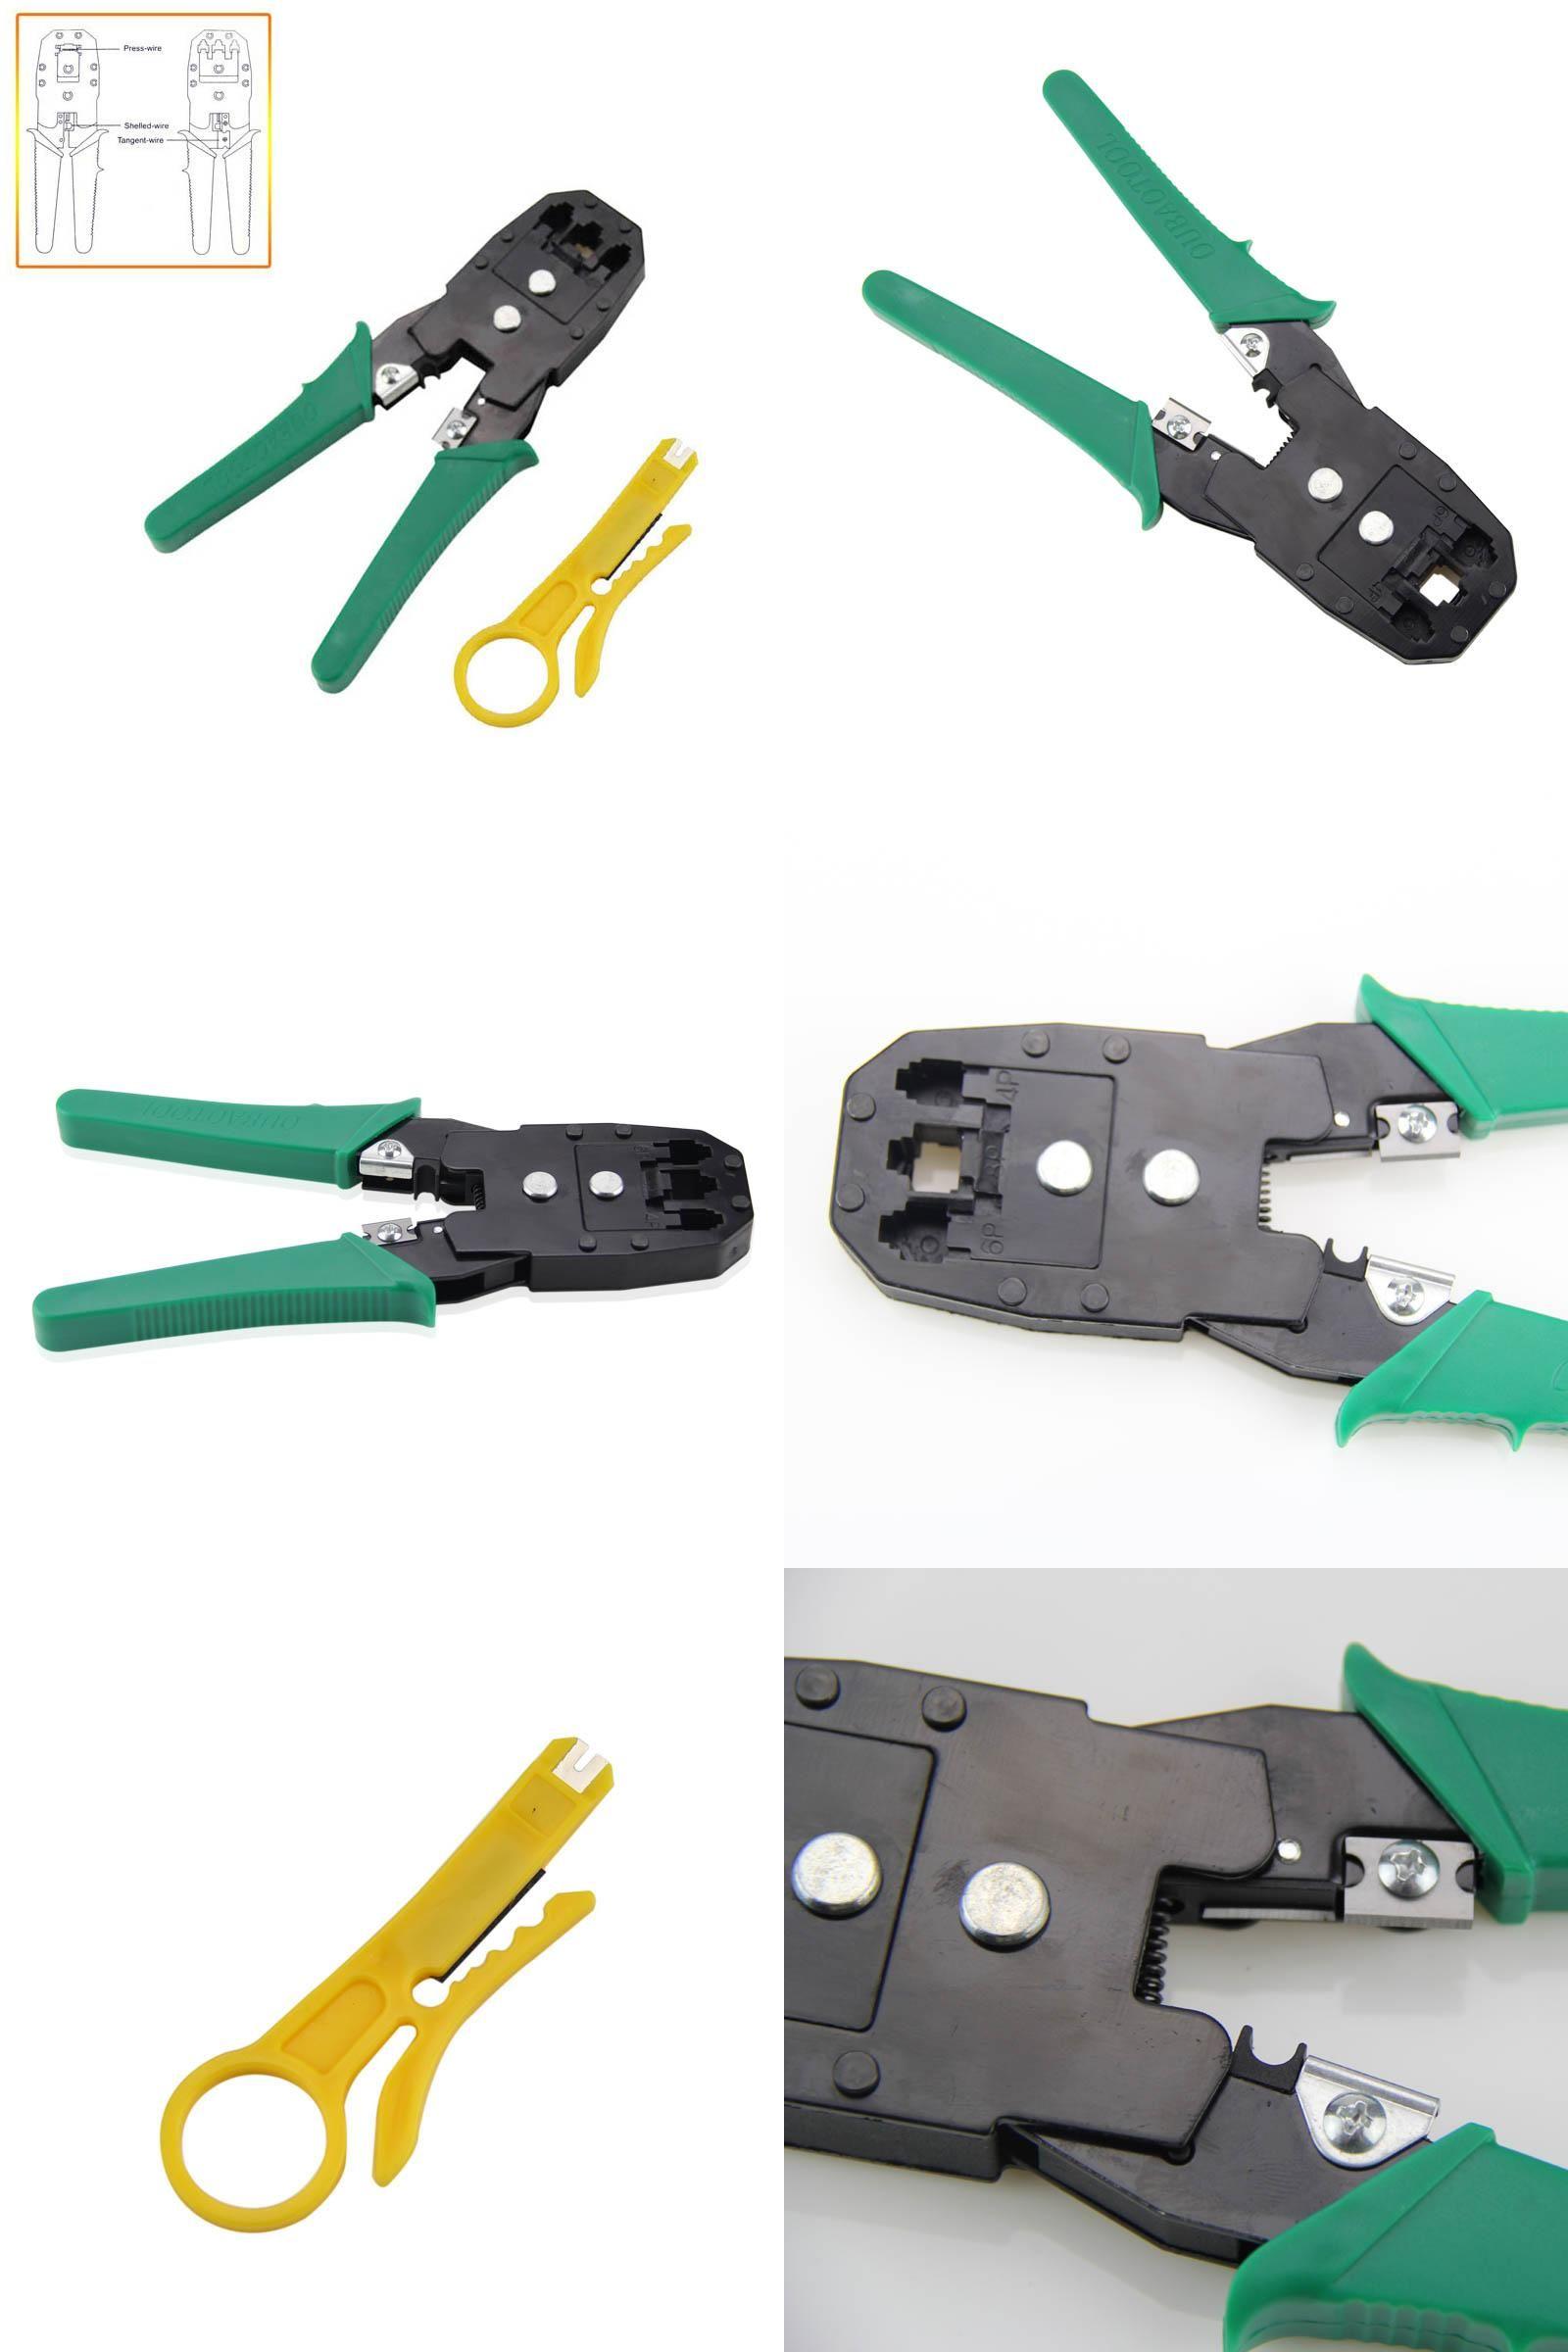 Hot Sale Network Cable RJ45 RJ11 RJ12 CAT5 Crimper Pliers Tools